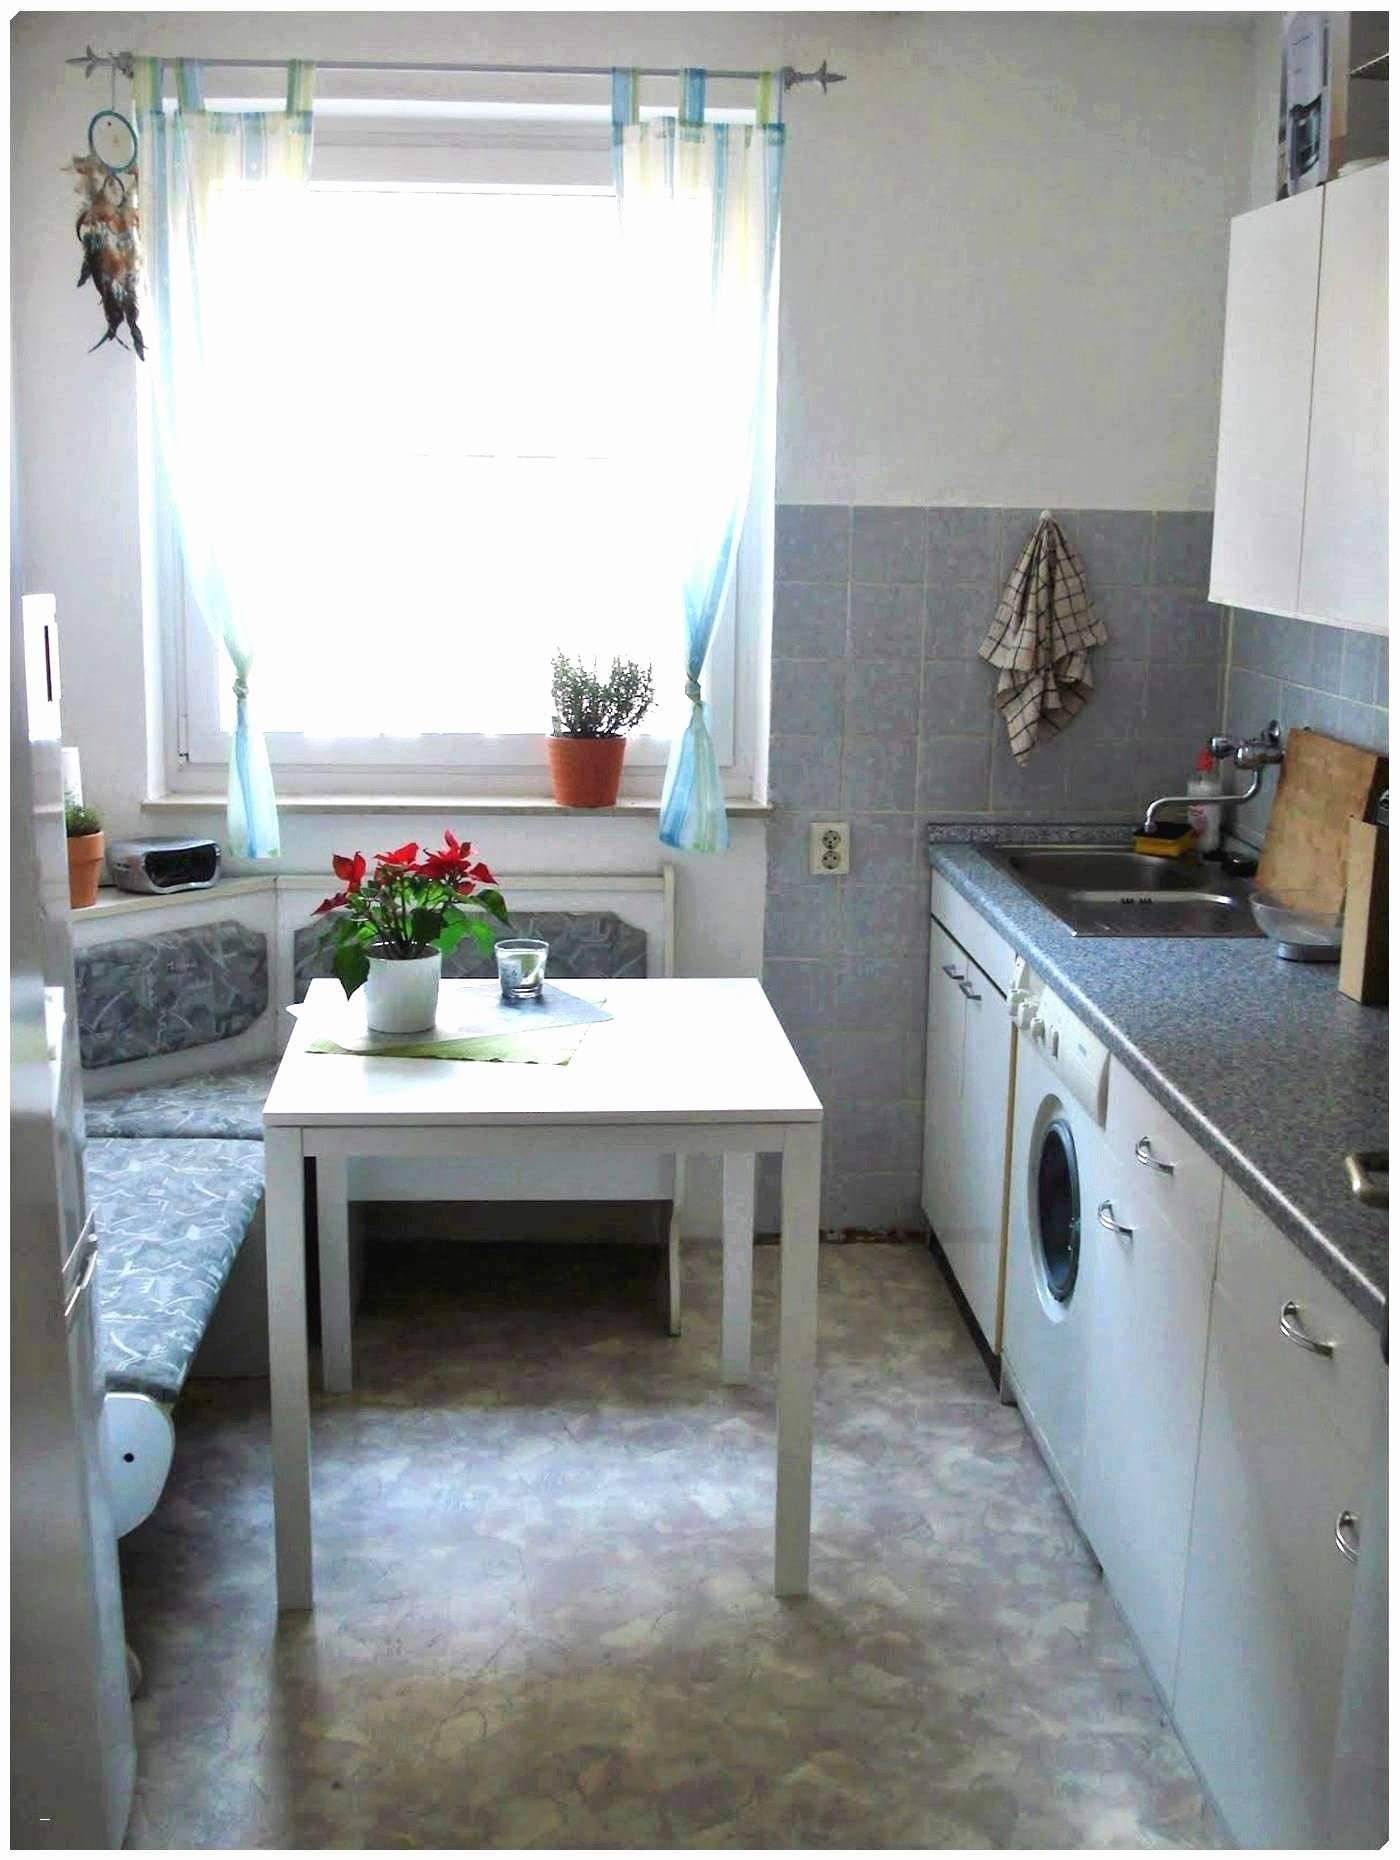 dekoration wohnzimmer regal mit elegant wohnzimmer deko home ideen 40 und wohnzimmer deko home super deko ideen holz schon deko ideen diy attraktiv regal schlafzimmer 0d of wohnzimmer deko home mit de